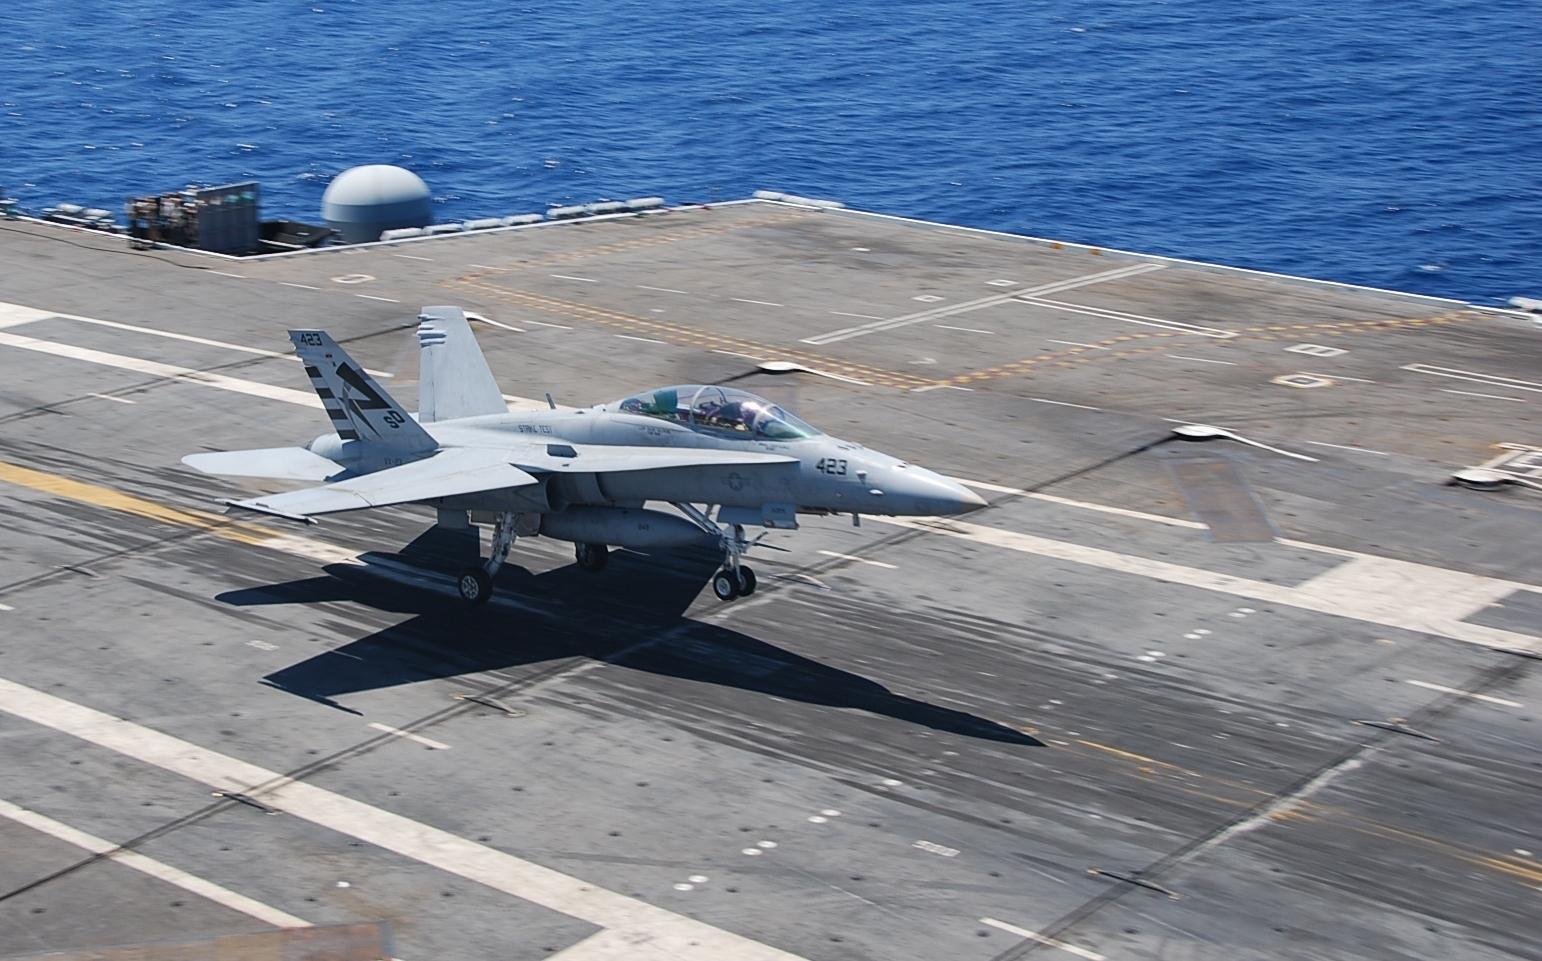 高清��.�9�)��,yf_美海军一架战斗机撞入民宅 飞行员弹射逃生共致9人受伤